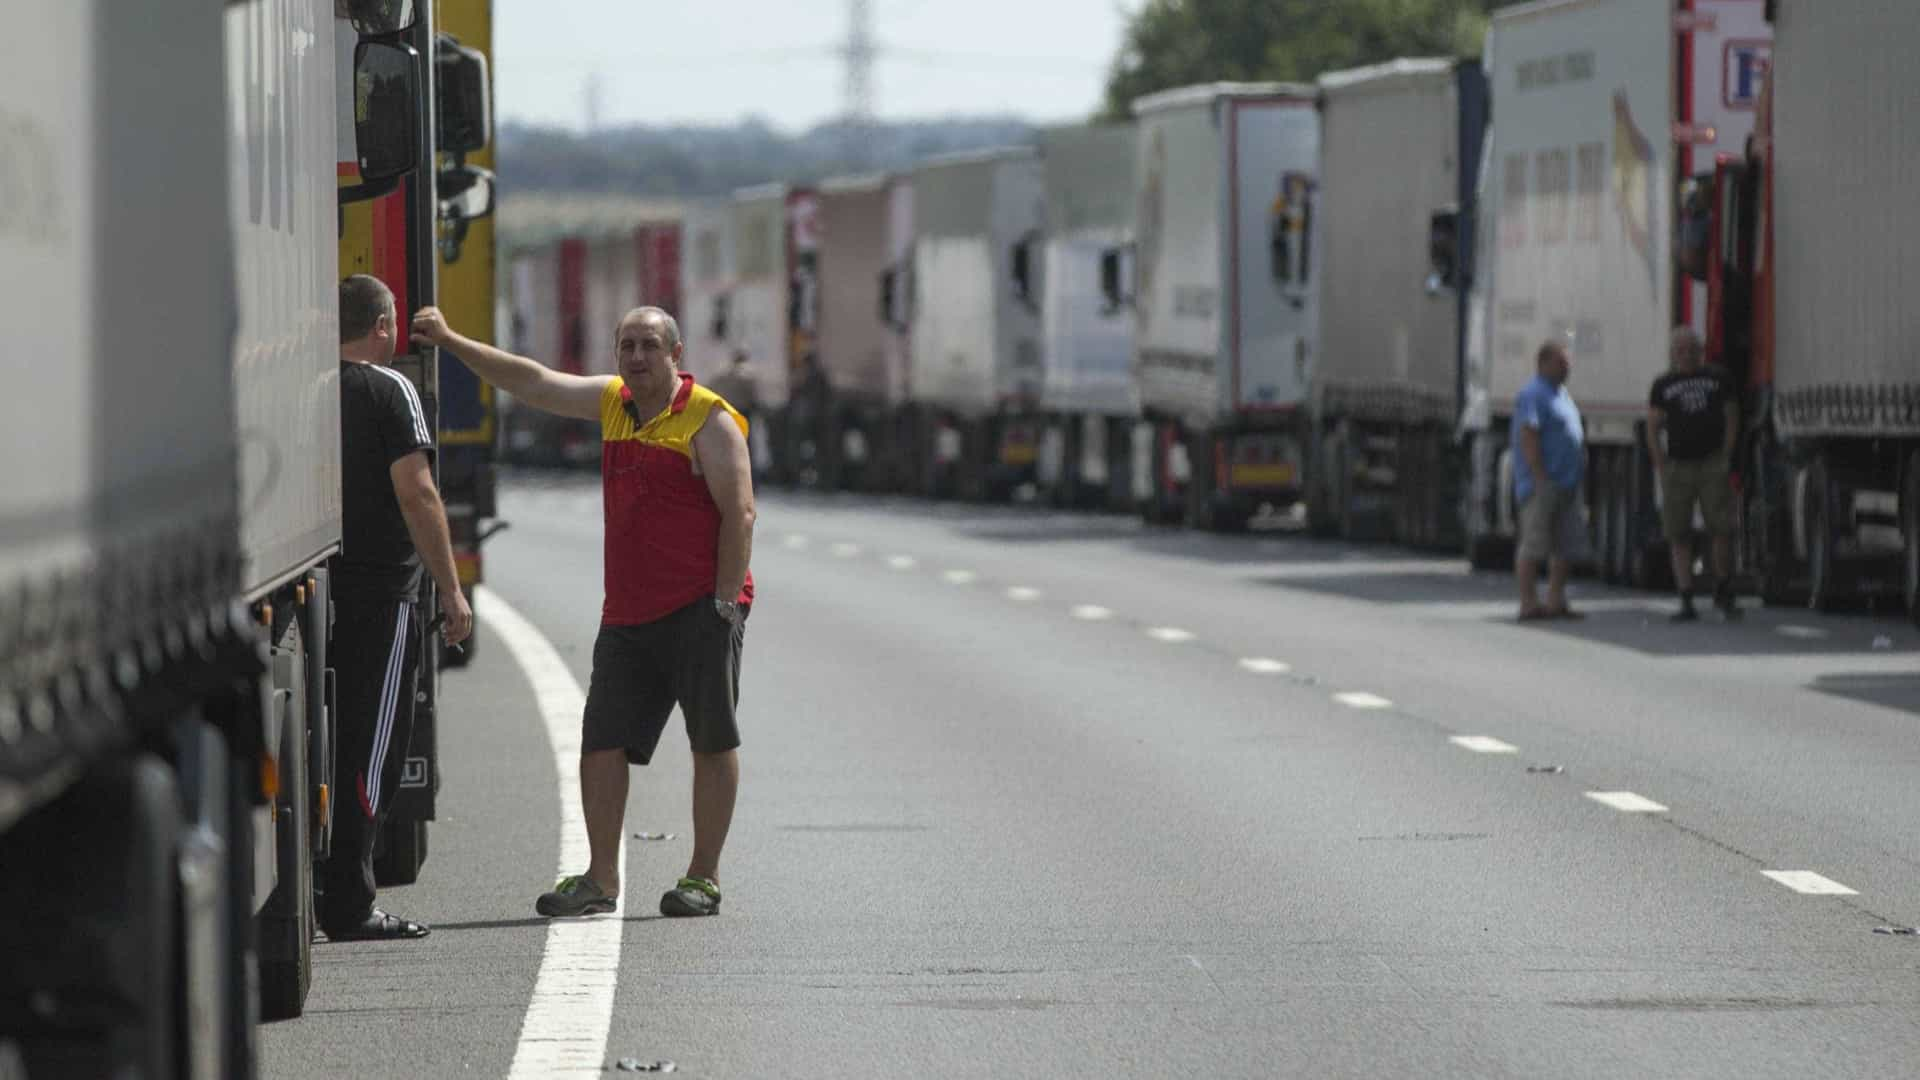 Empresas transportadoras e ambientalistas juntos por menos emissões